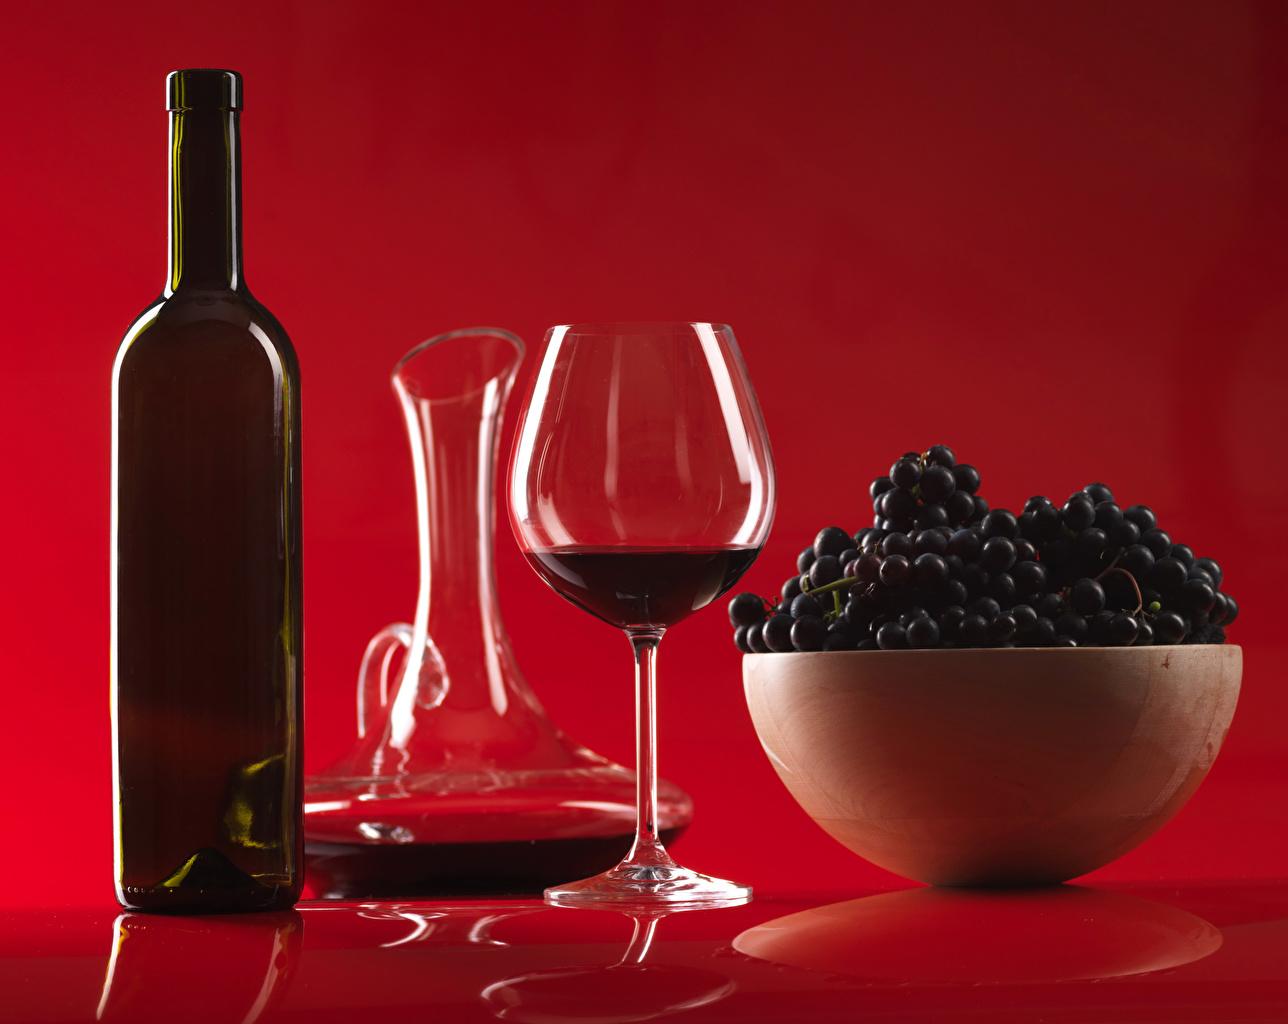 Фотографии Вино кувшины Виноград Еда бокал Бутылка красном фоне Кувшин Пища Бокалы бутылки Продукты питания Красный фон